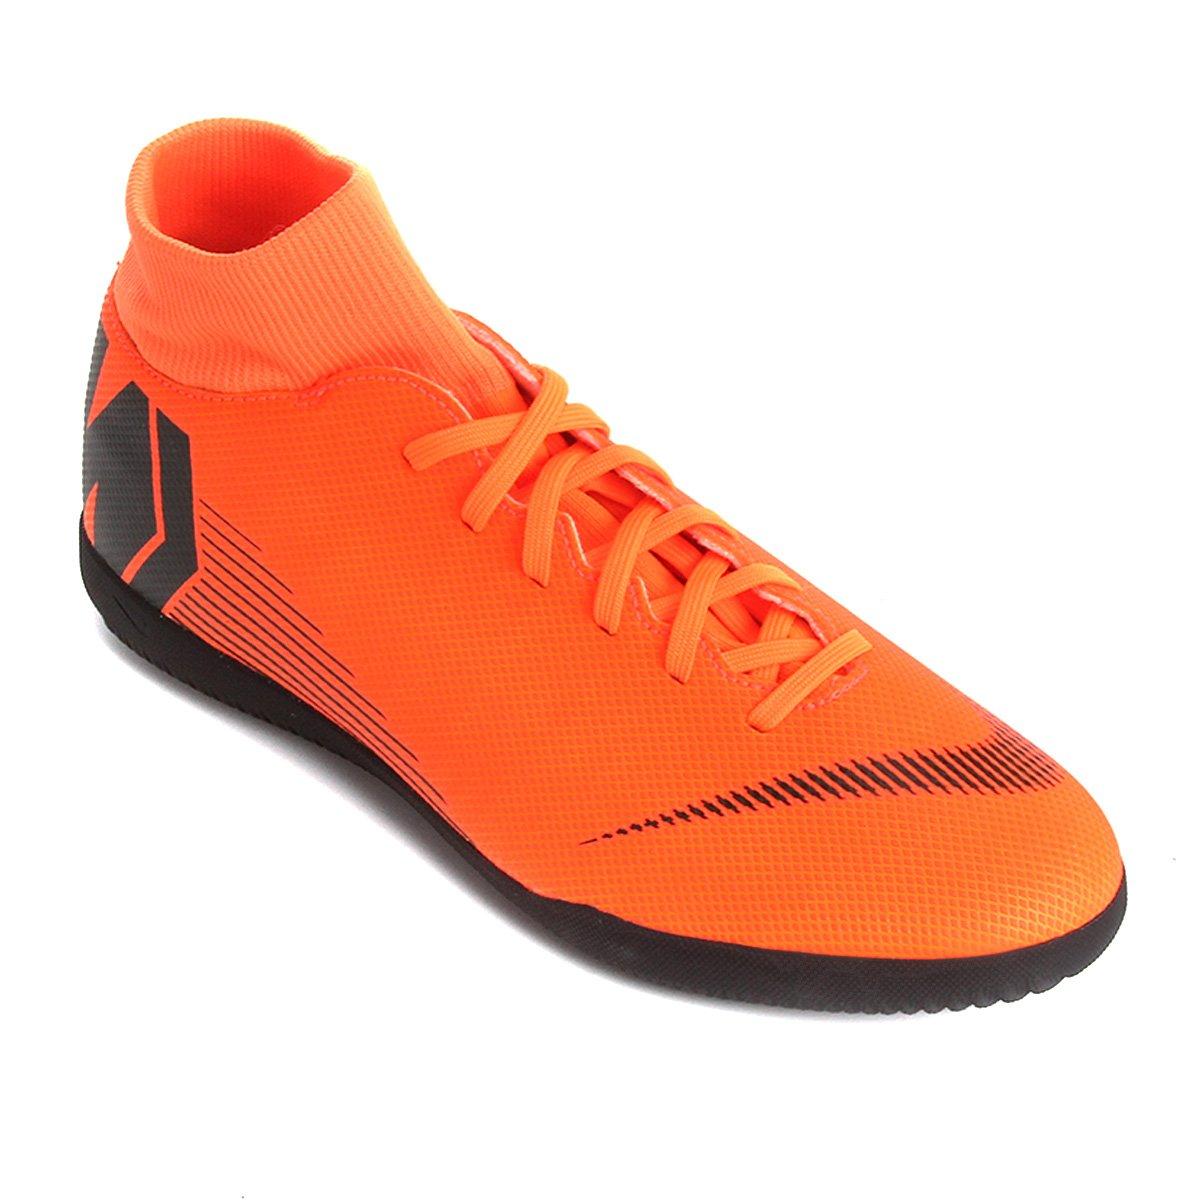 16f8d916d1 Chuteira Futsal Nike Mercurial Superfly 6 Club - Laranja e Preto ...